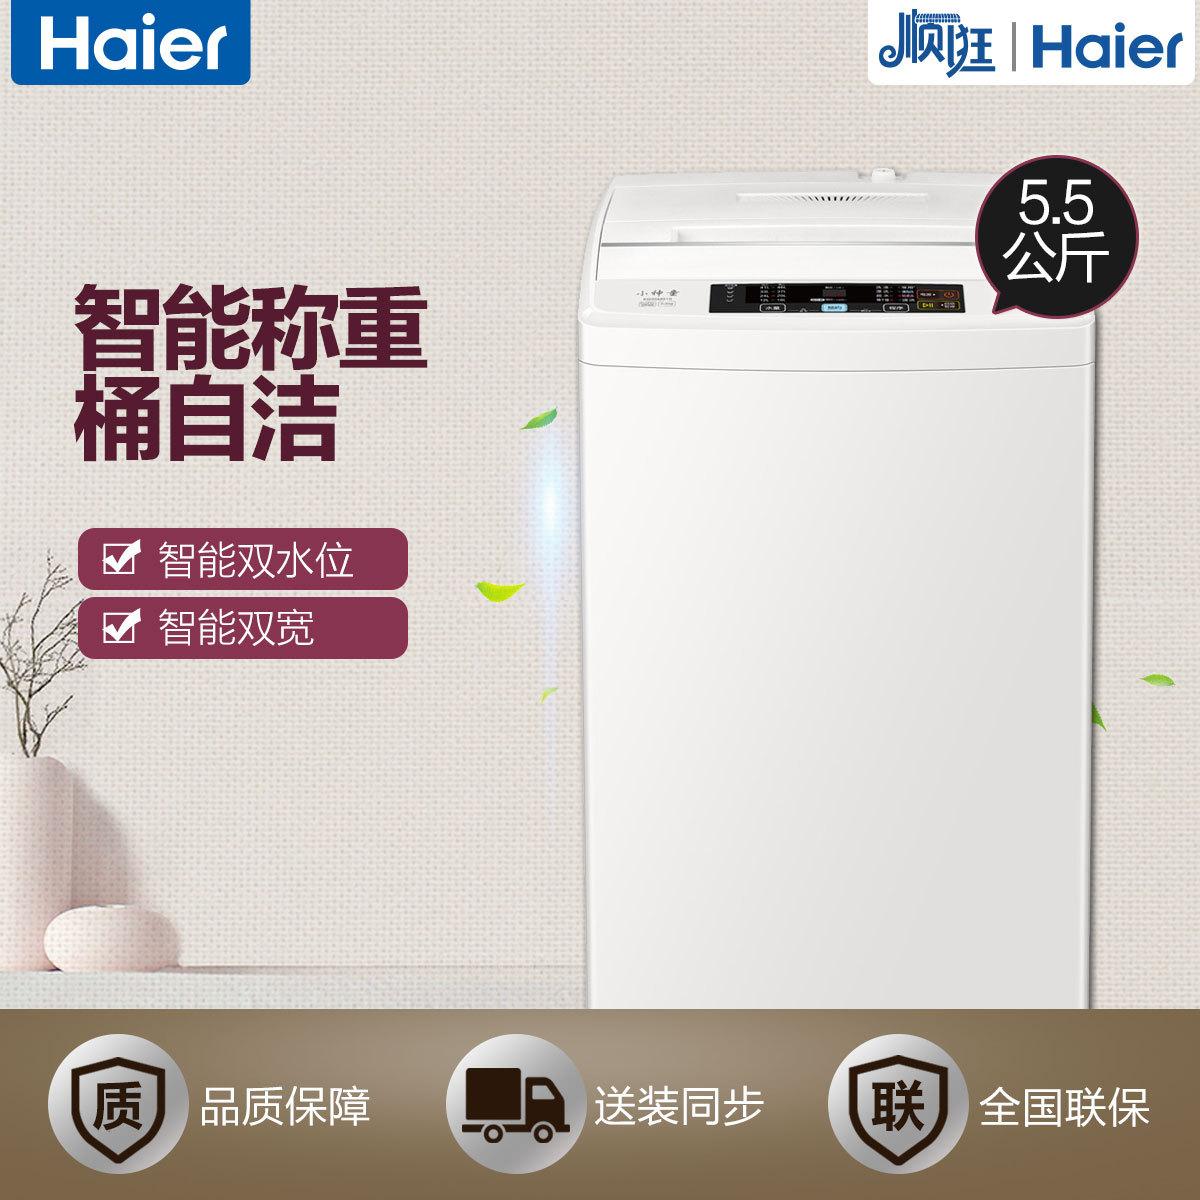 海尔滚筒洗衣机怎么清洗 海尔滚筒洗衣机清洗方法讲解